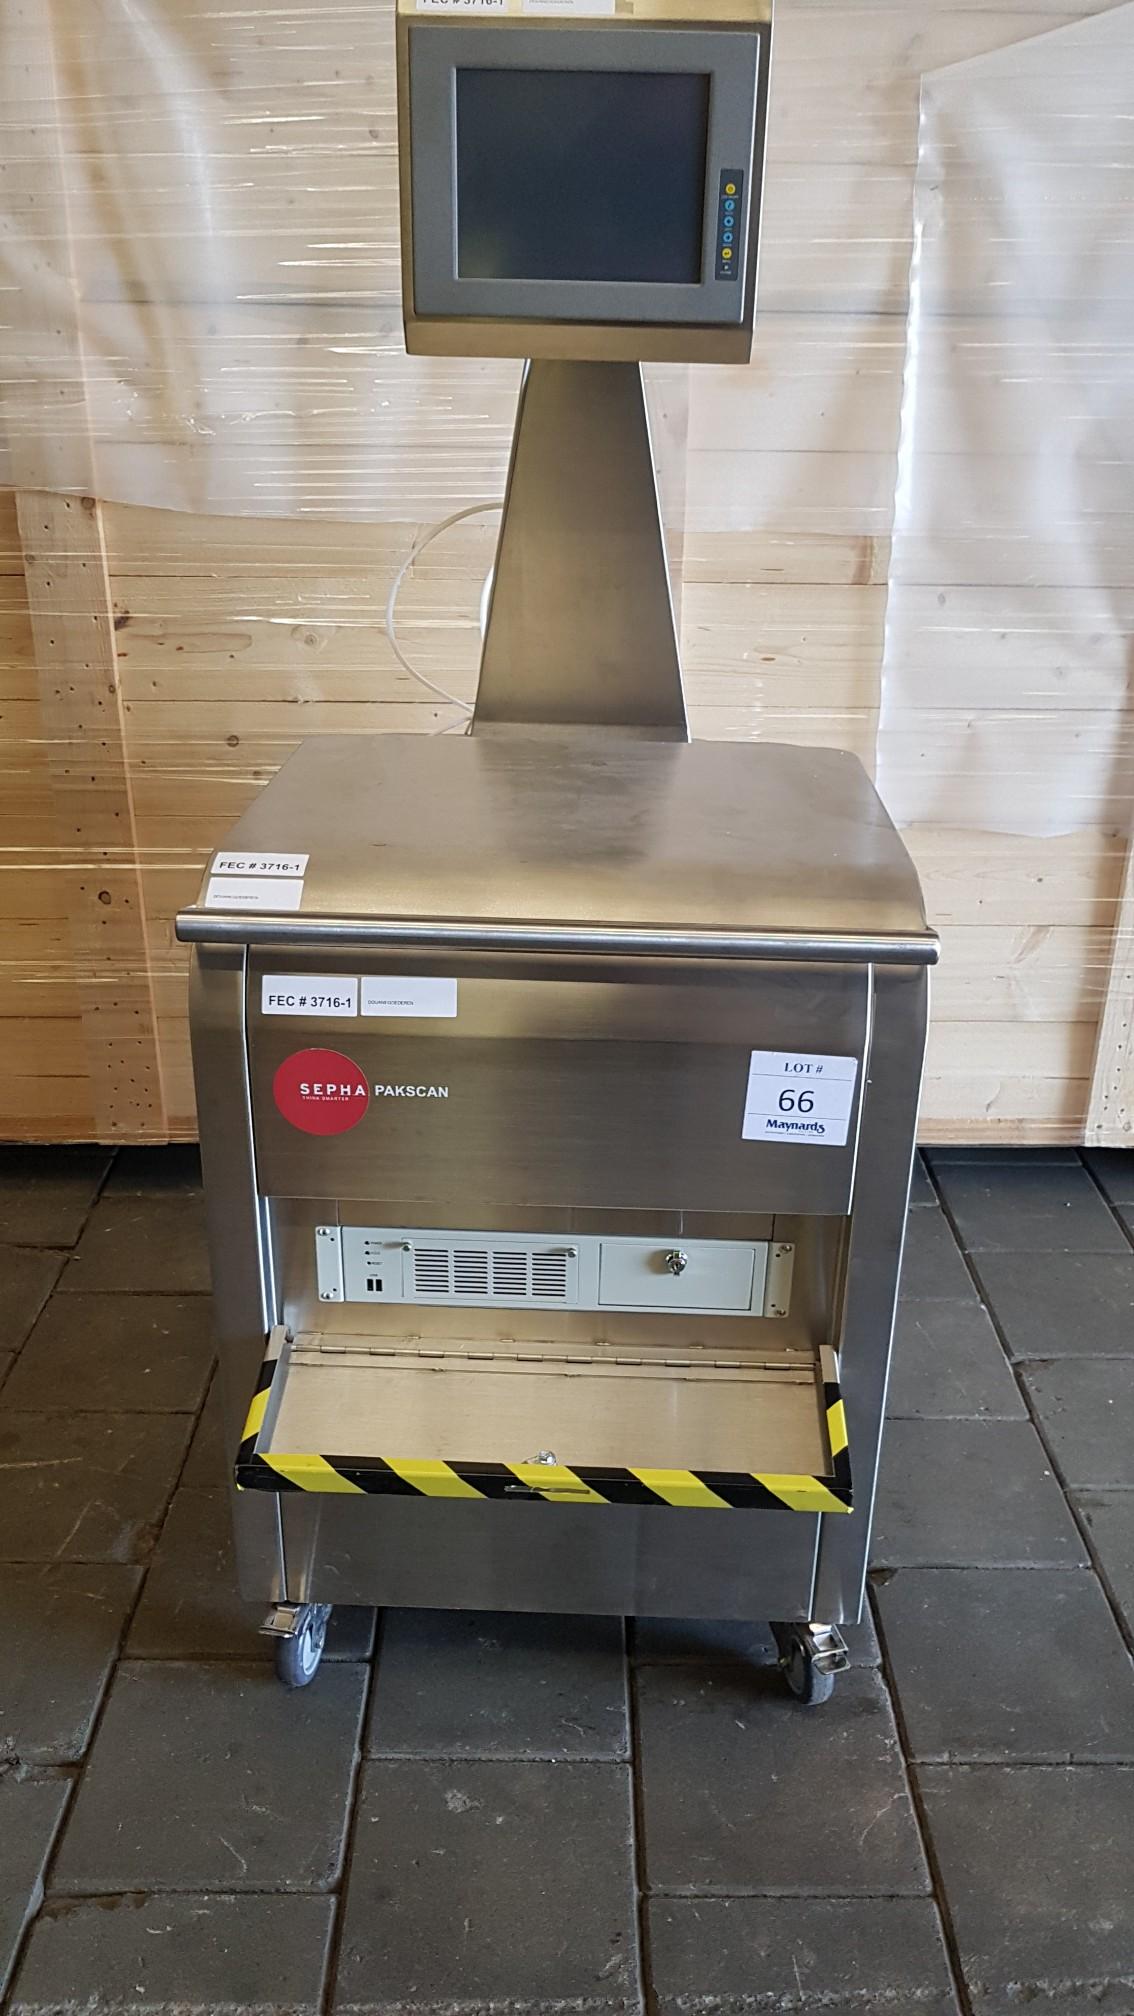 Sepha Pakscan T601-001-002 Blister Pack Test Machine